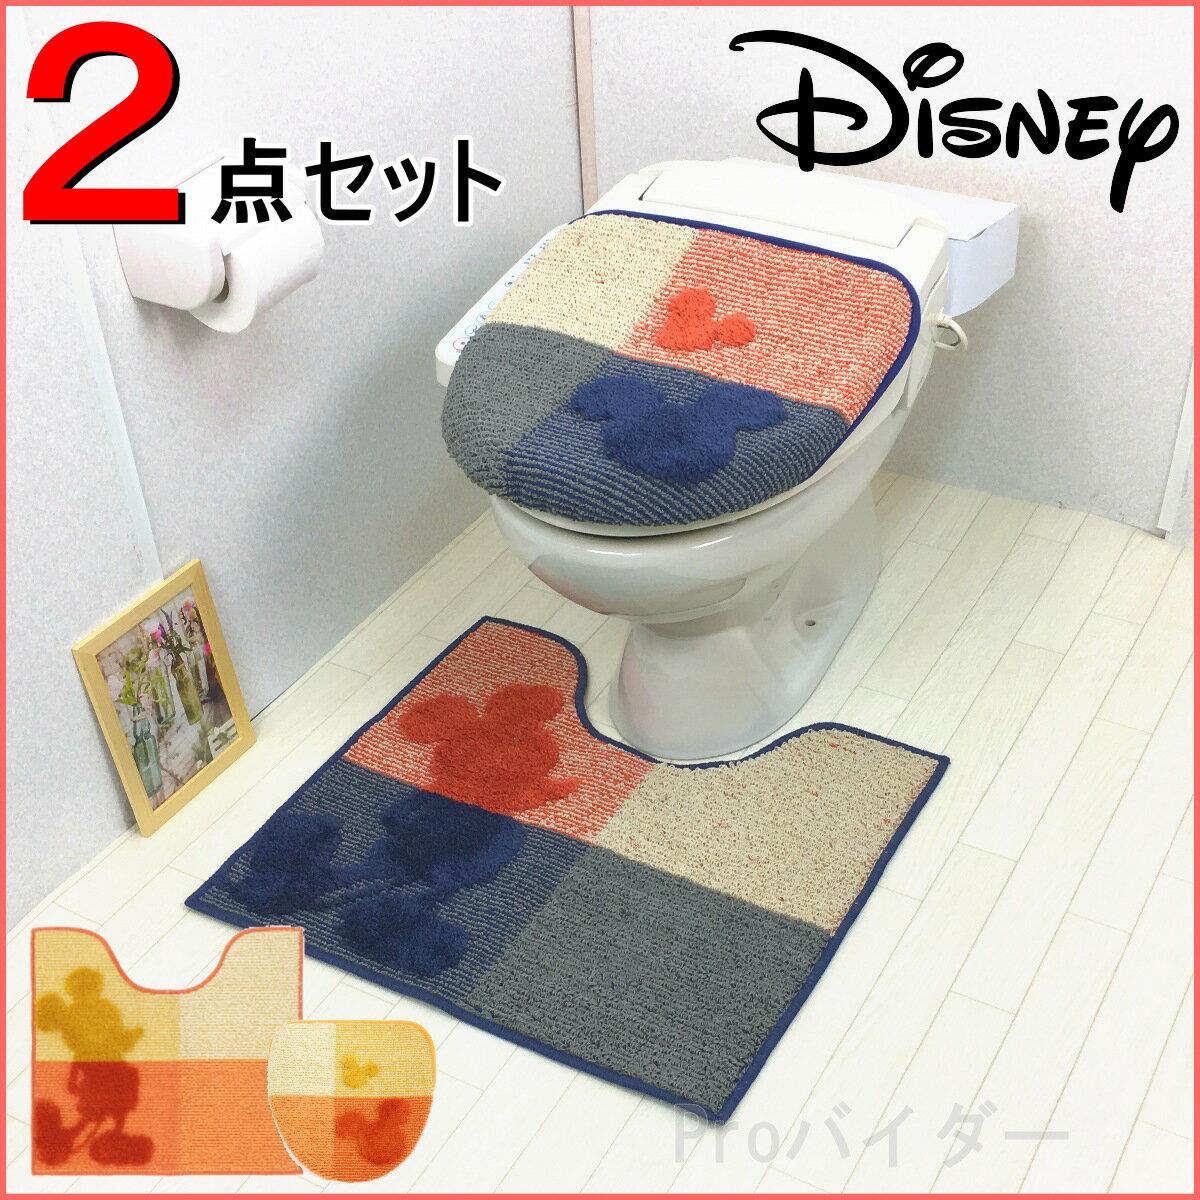 ディズニー ミッキー トイレマット セット 2点 洗浄暖房便座用 オレンジ ネイビー オカ MCスタイル  10800円以上で送料無料